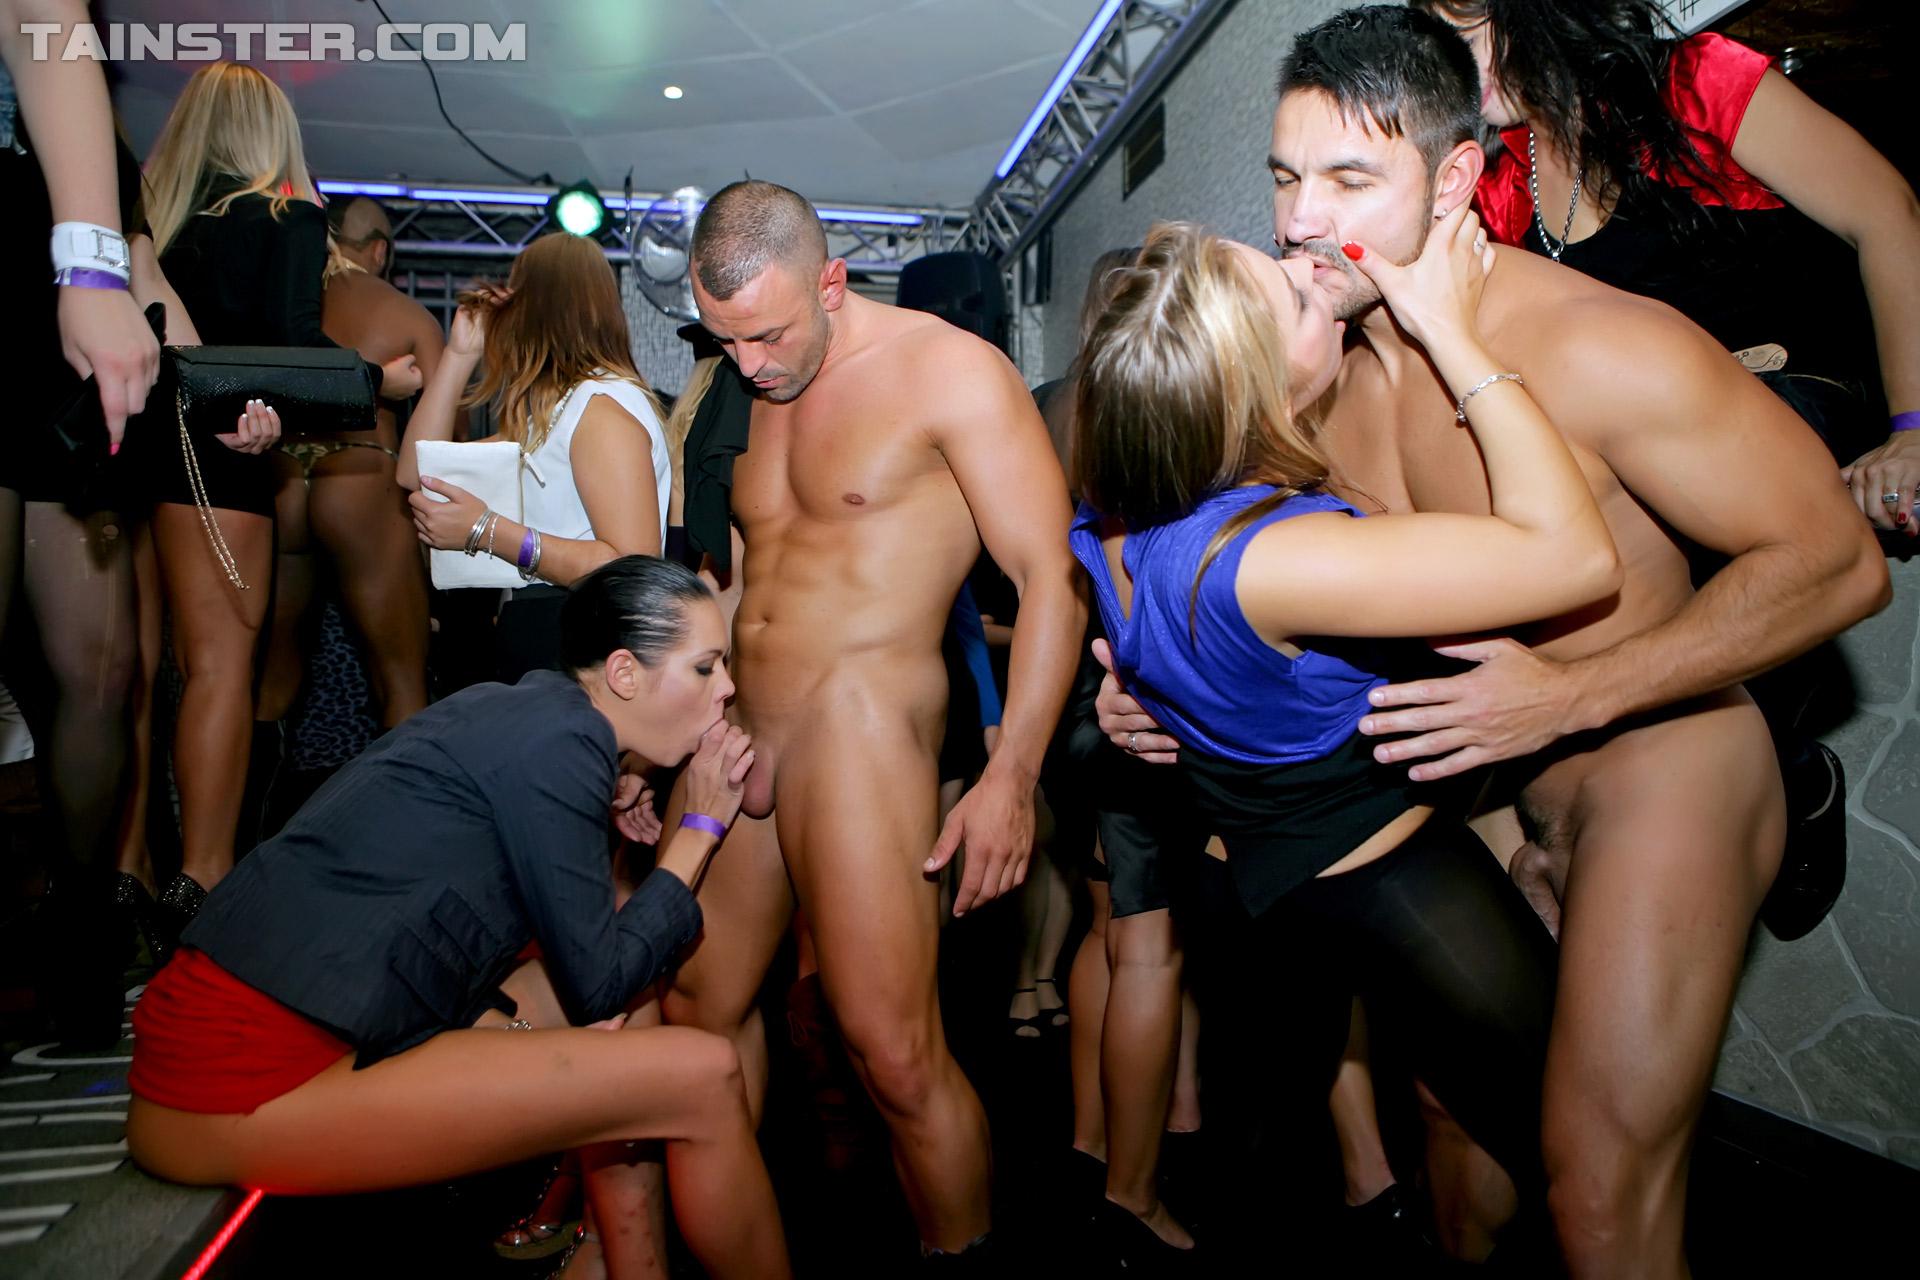 Поро в клубах онлайн, Порно вечеринки смотреть бесплатно в HD качестве 10 фотография